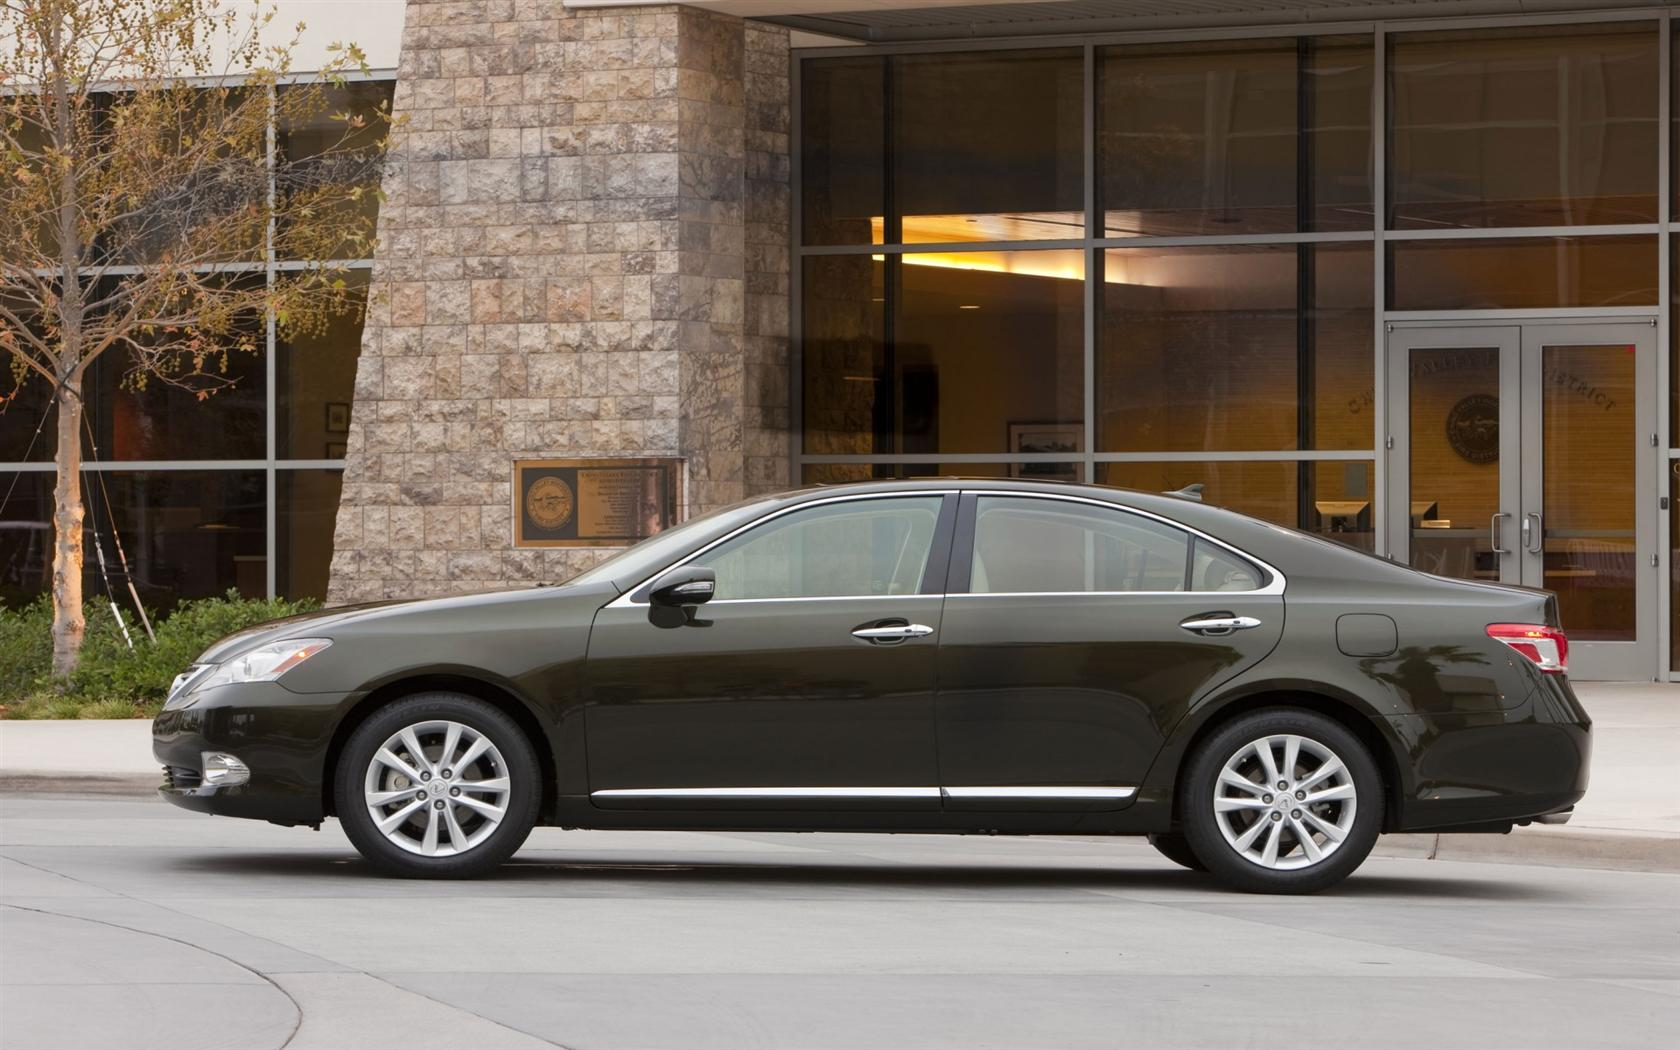 http://www.conceptcarz.com/images/Lexus/2011-Lexus-ES350-Sedan-Image-01-1680.jpg